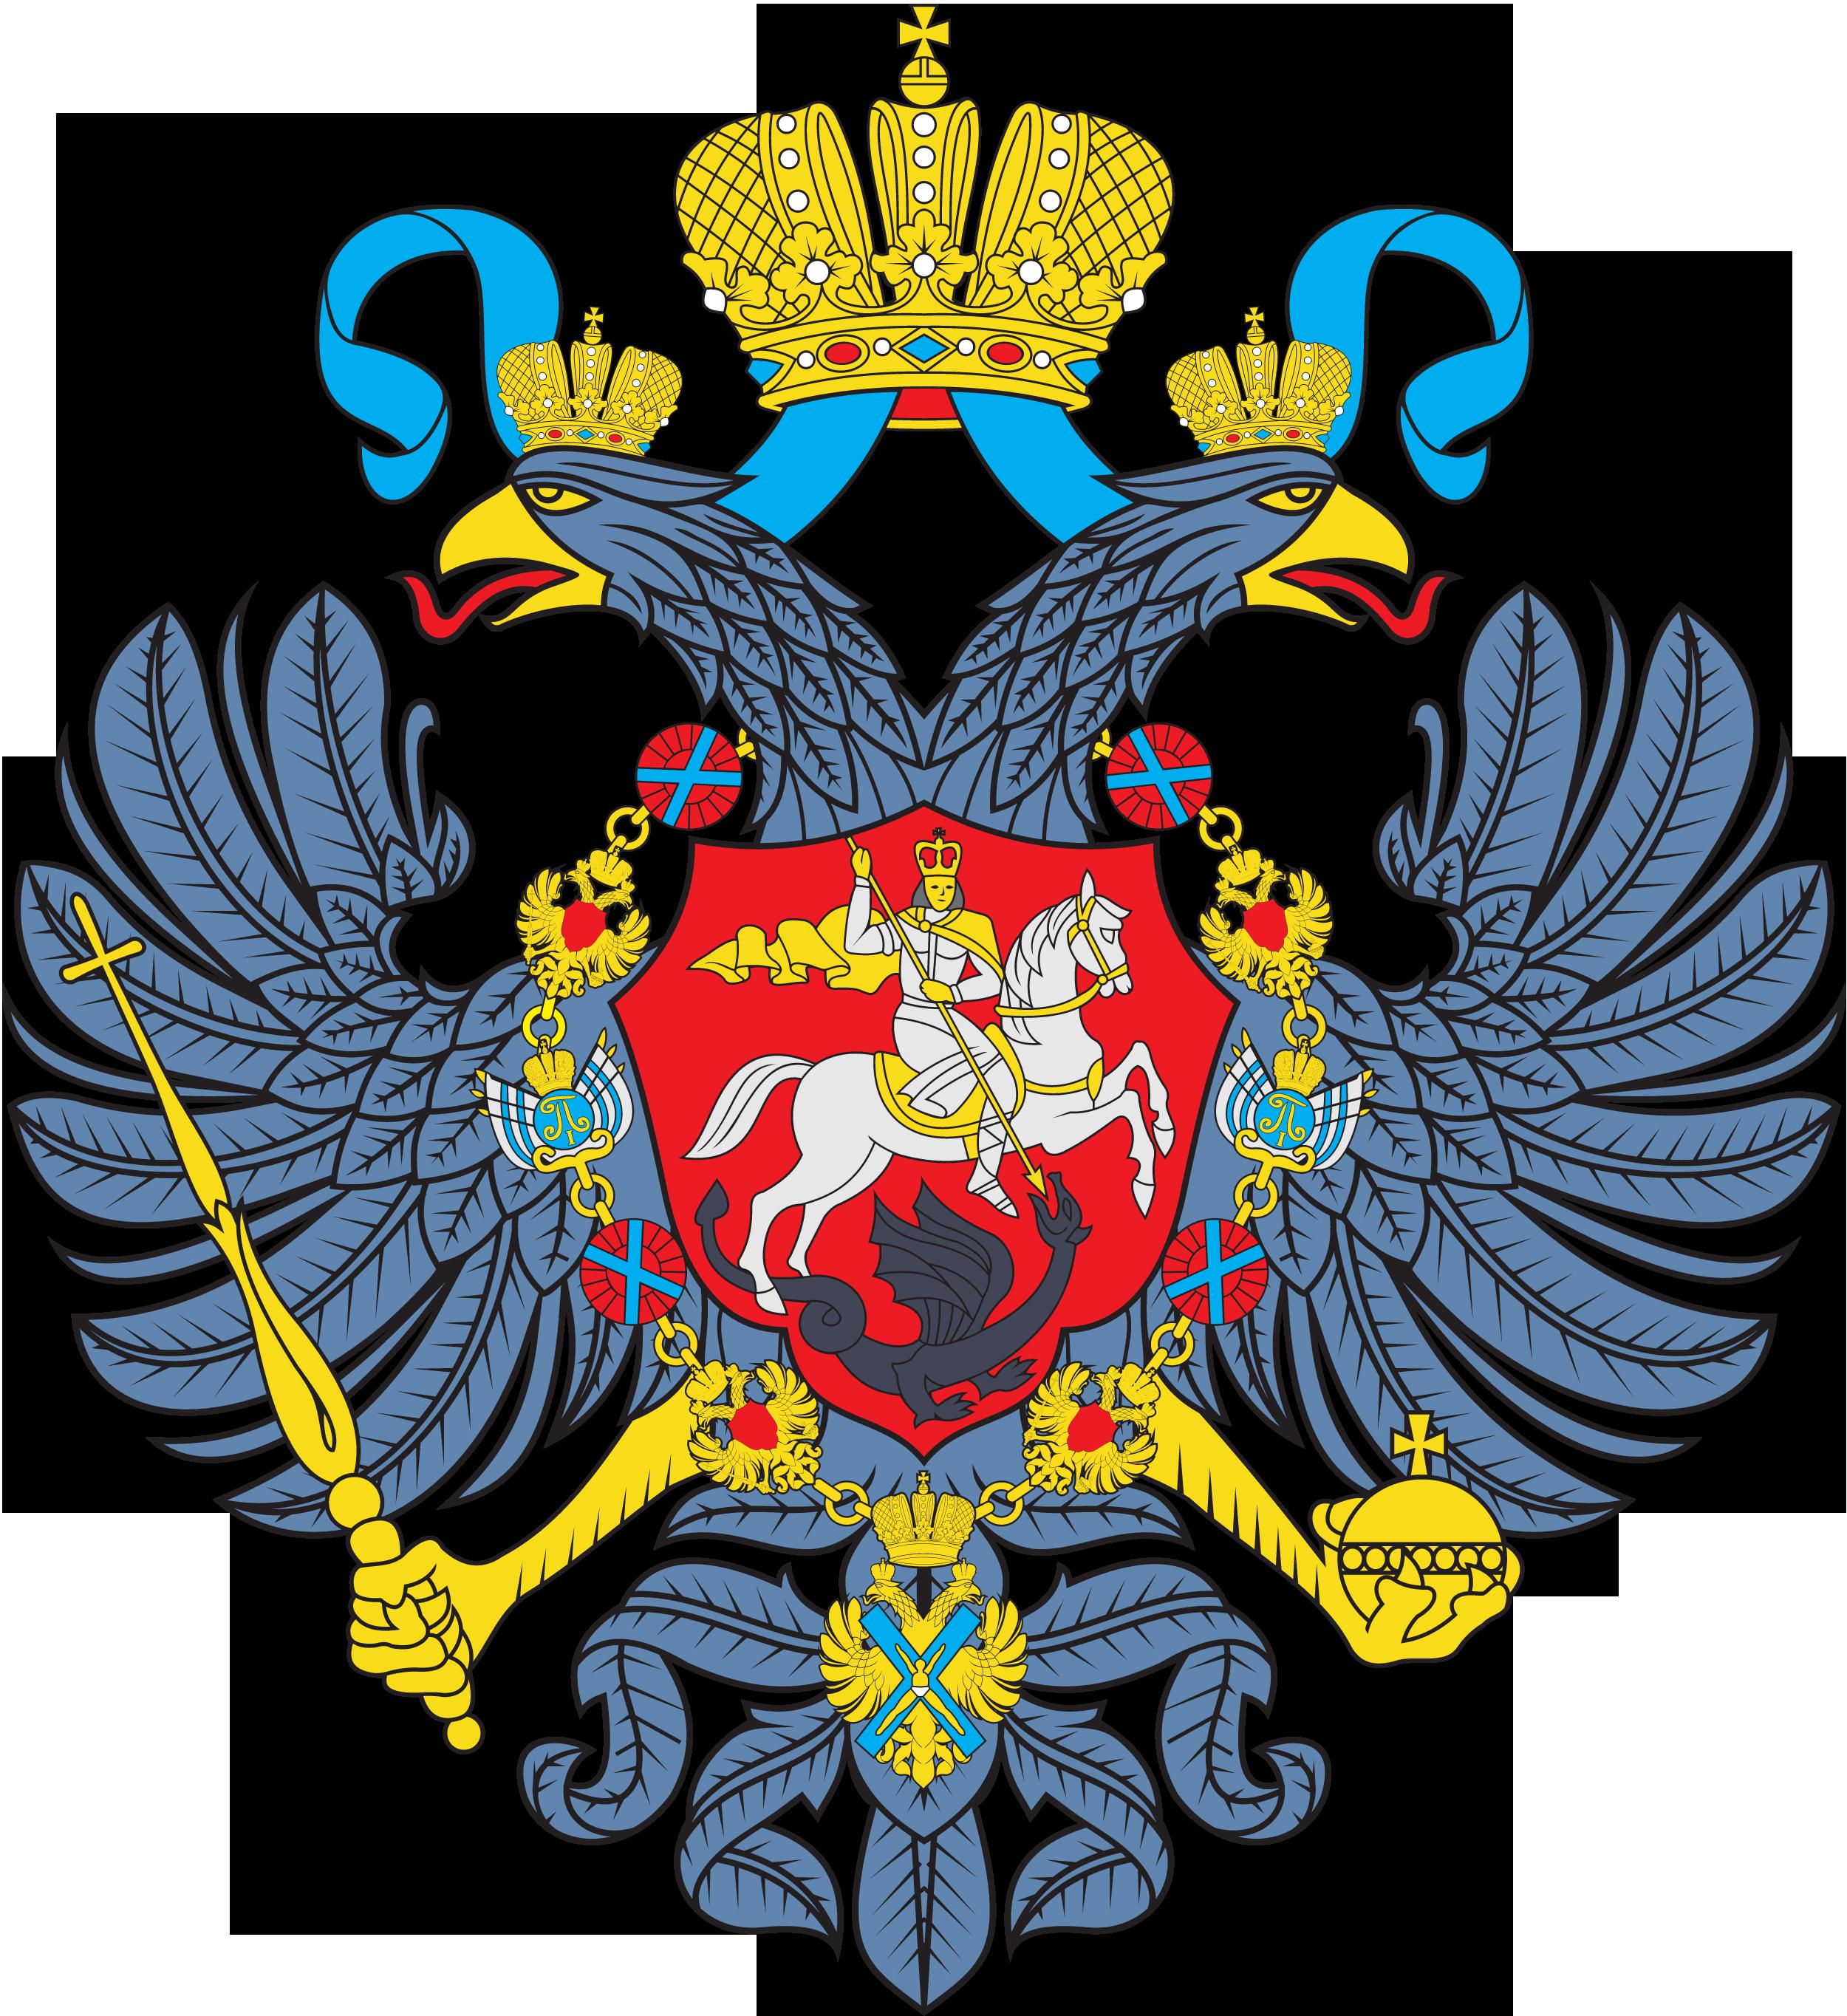 Реферат на тему Российская империя окружающий мир класс hello html 4559a63 png